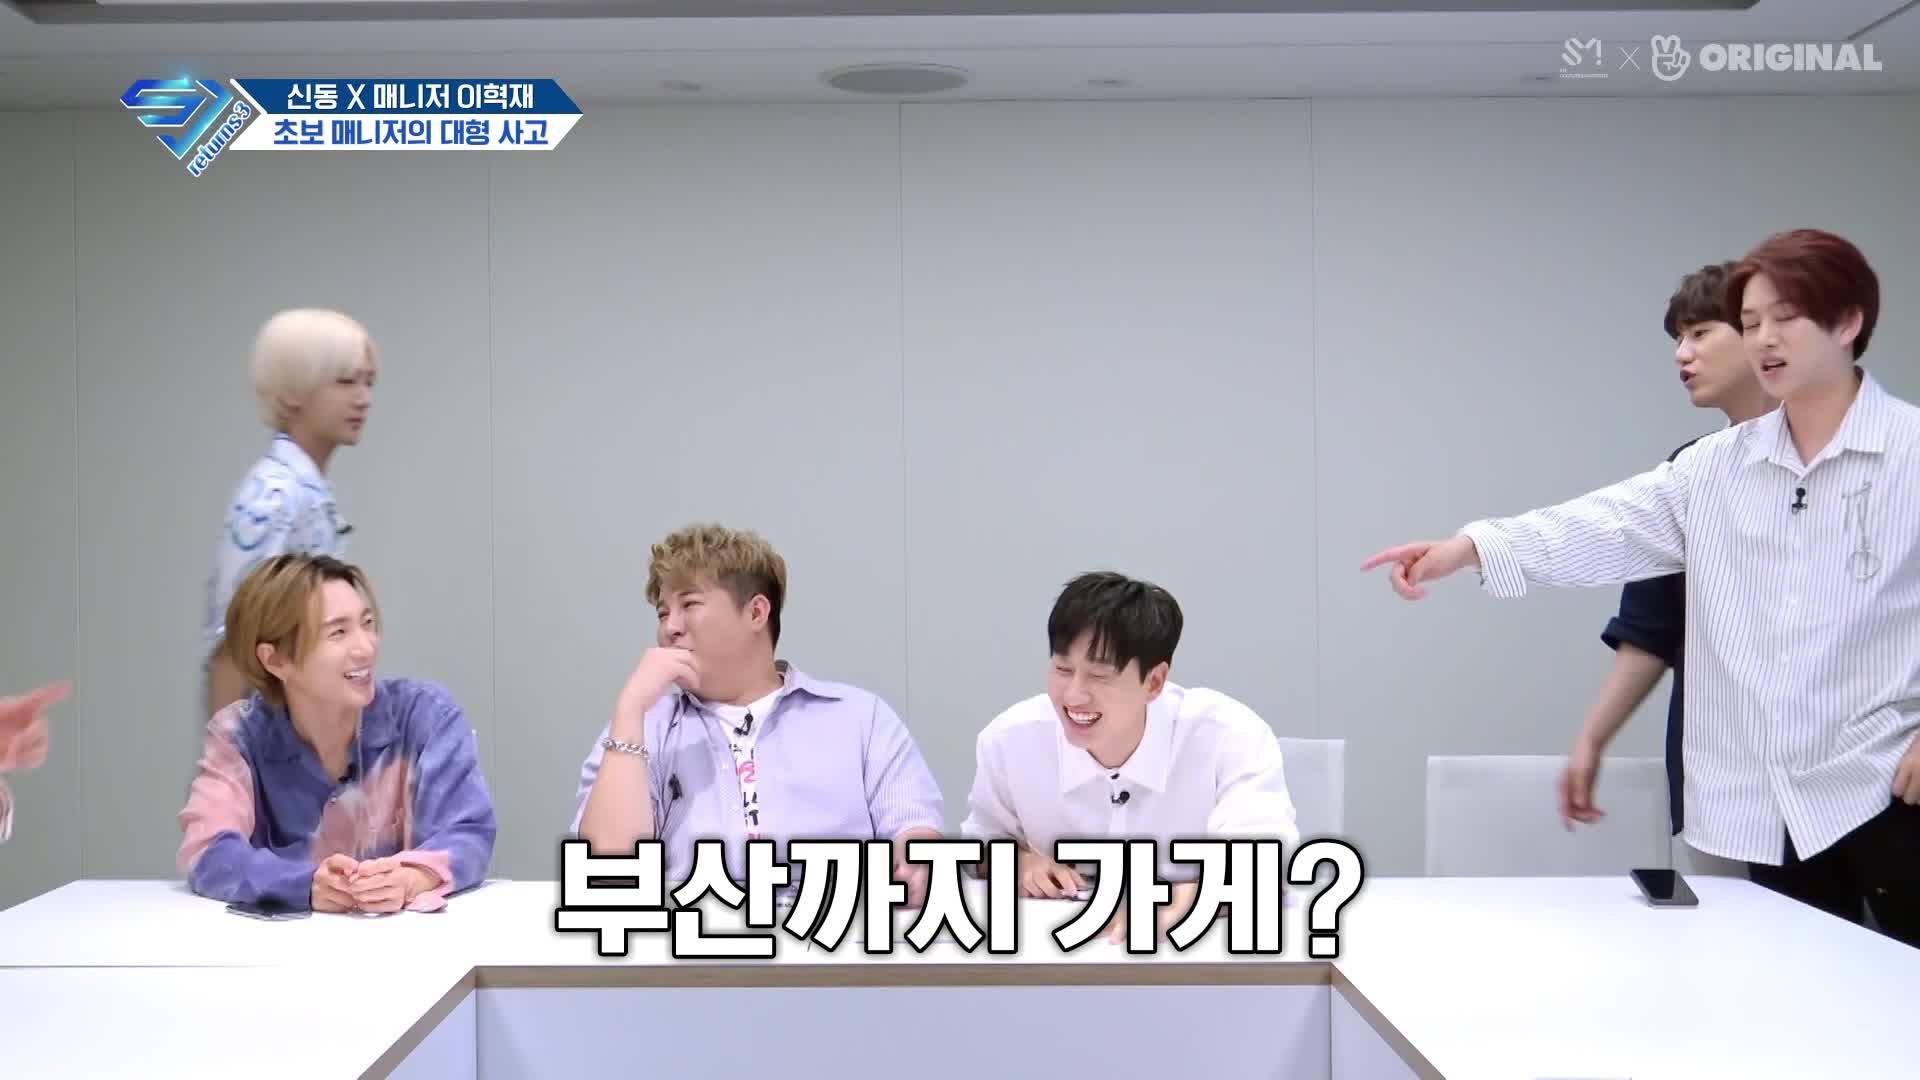 슈주 리턴즈3 EP25- 초보 매니저 이혁재의 대형사고! 시작도 전에 해고 위기!??